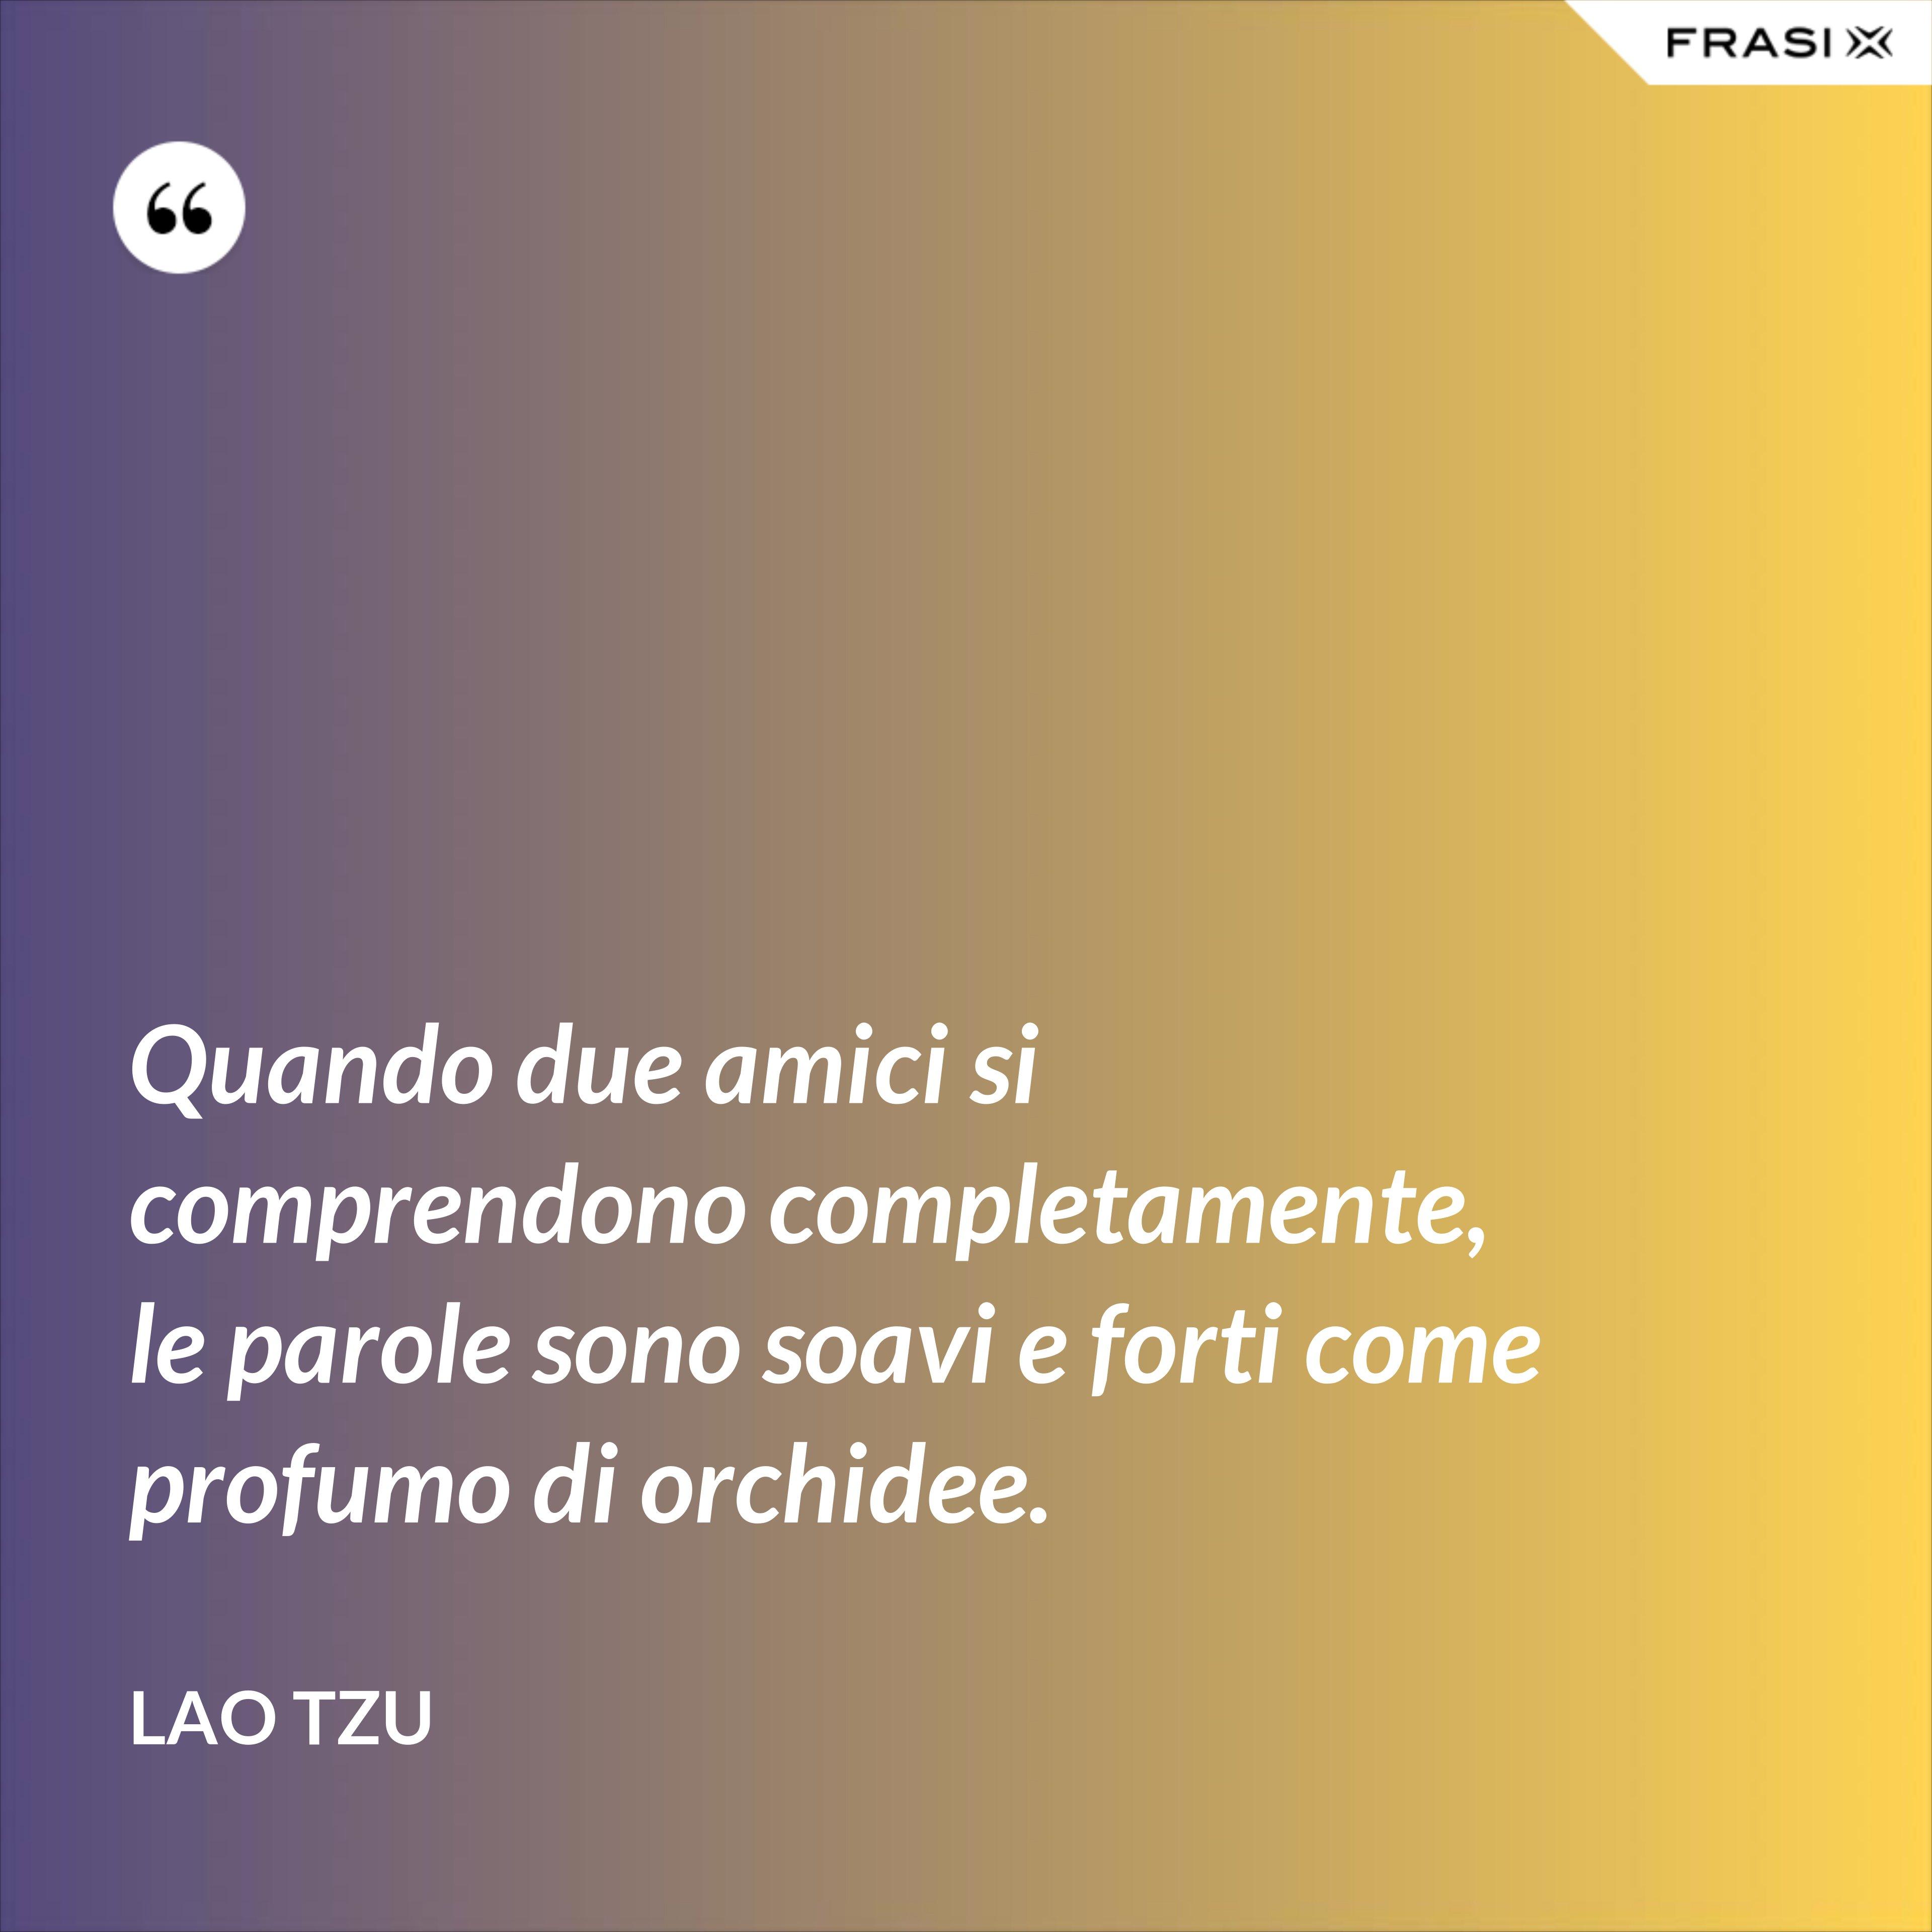 Quando due amici si comprendono completamente, le parole sono soavi e forti come profumo di orchidee. - Lao Tzu